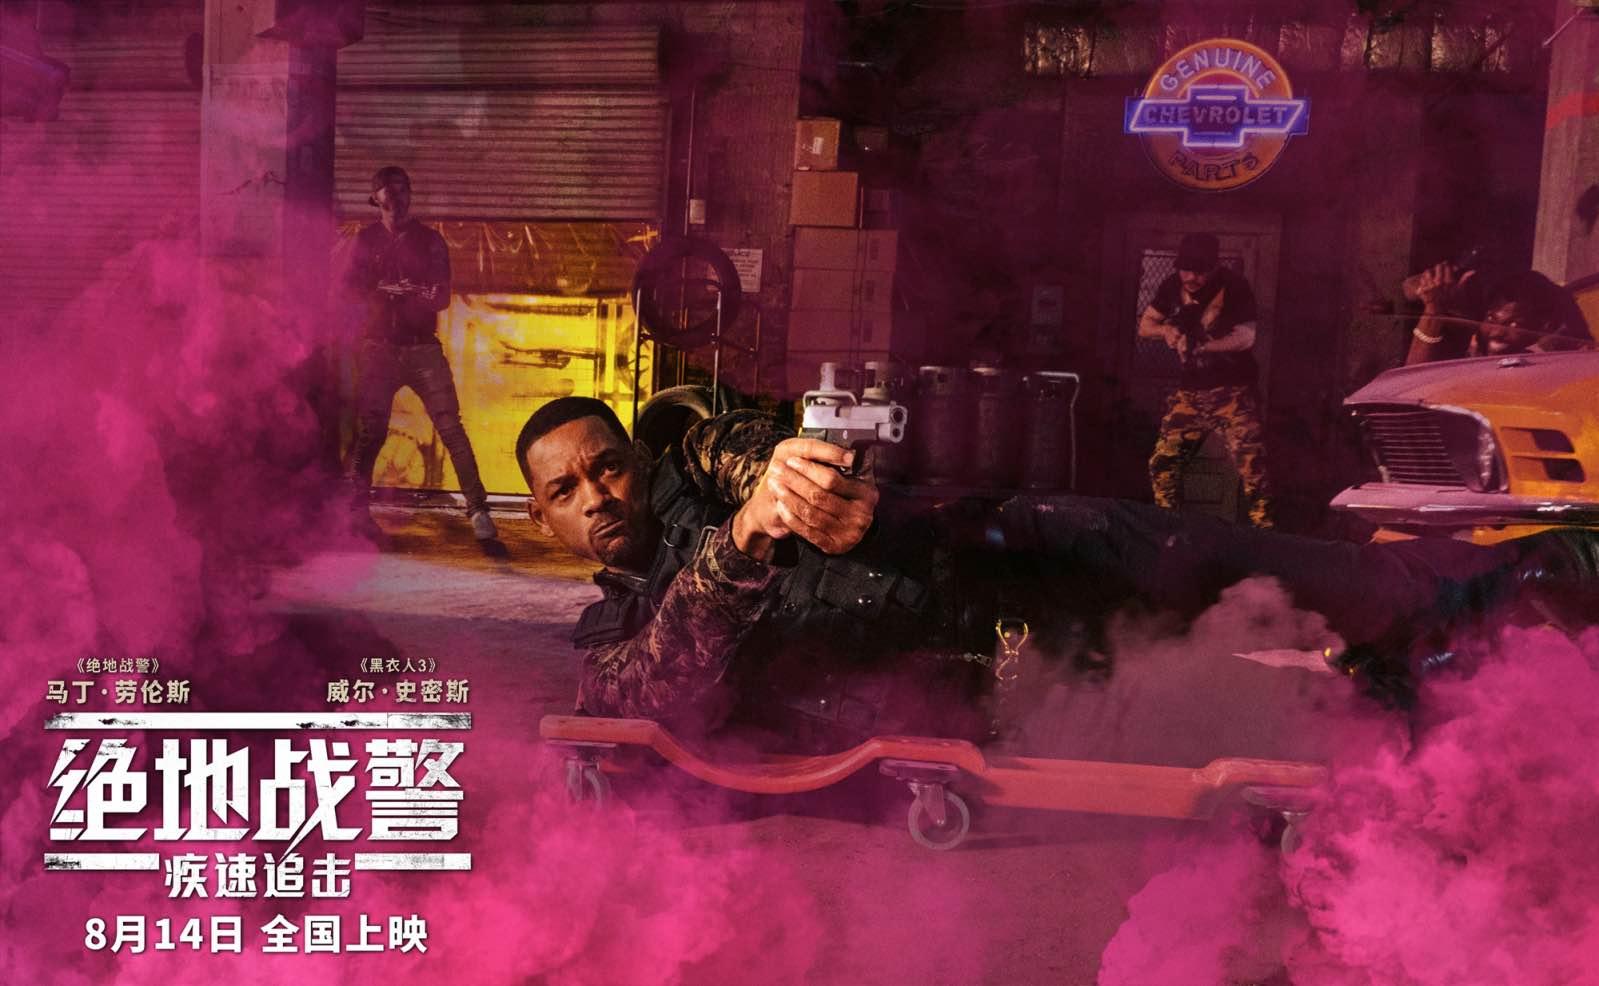 《绝地战警:疾速追击》定档8月14日 全球年度票房冠军即将登场